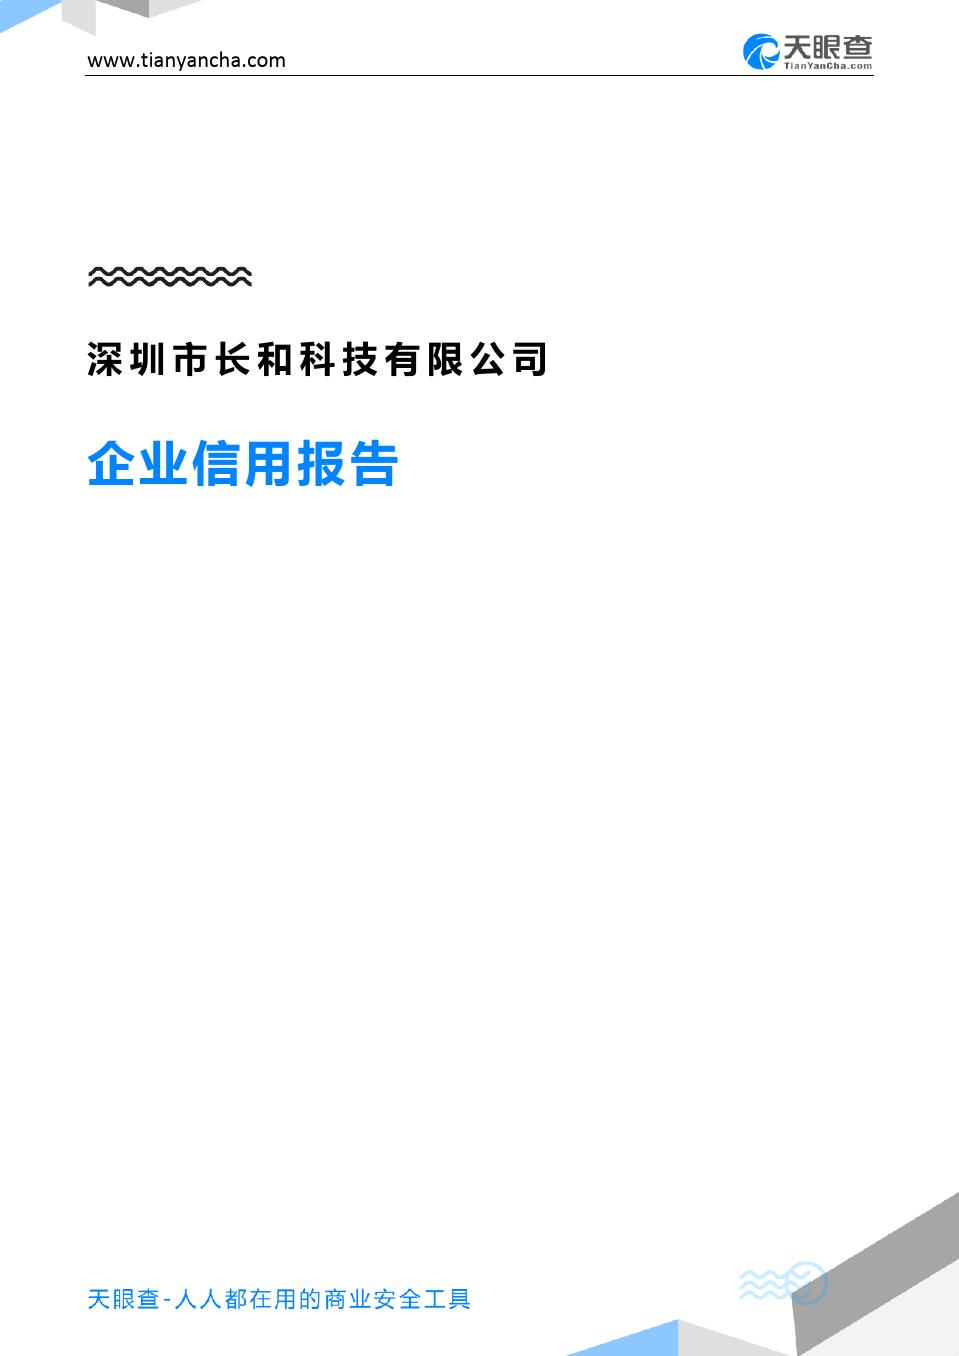 深圳市长和科技有限公司(企业信用报告)- 天眼查